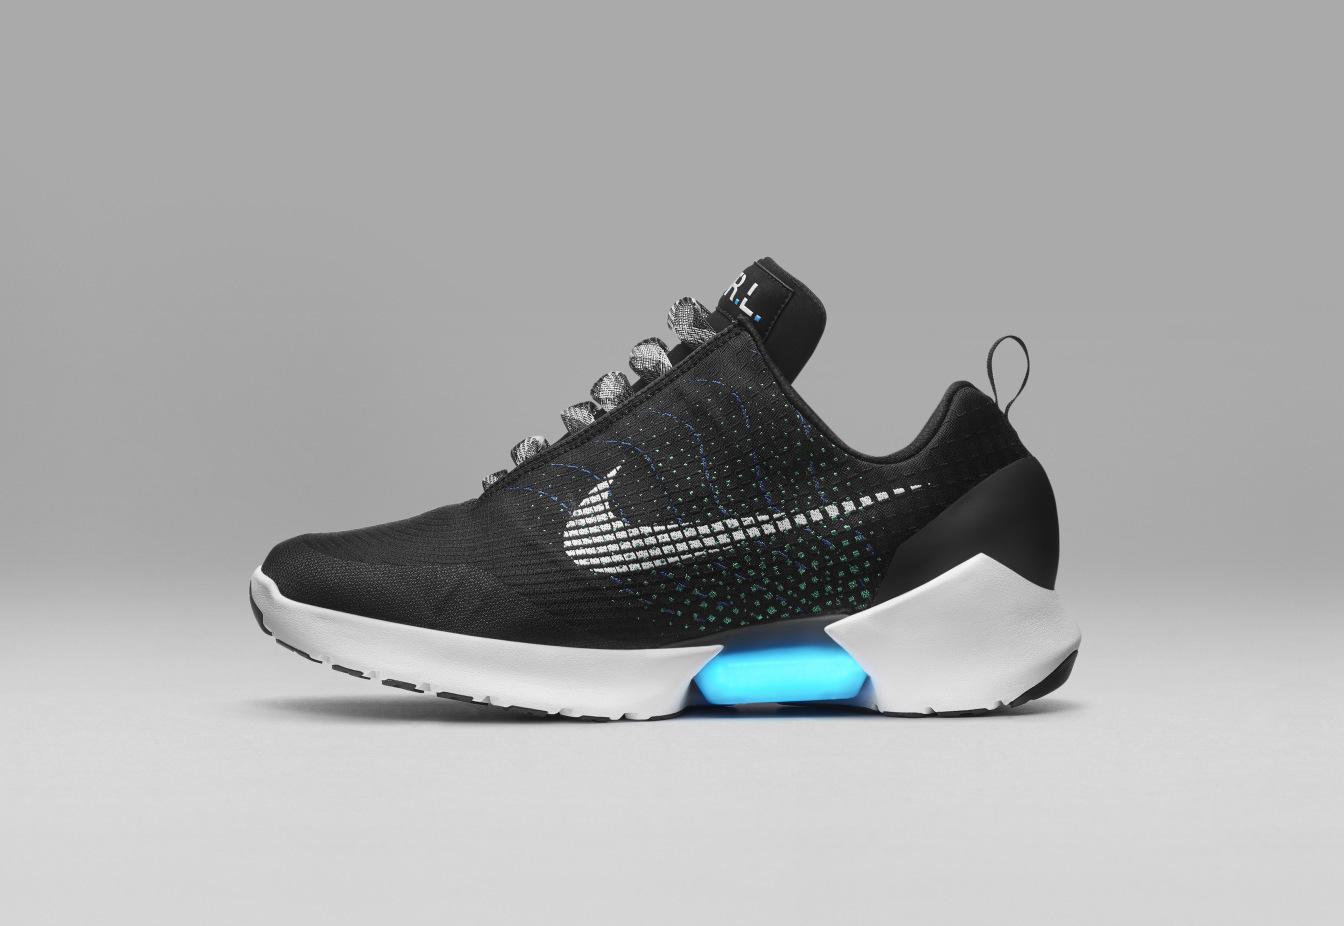 Nike представила кроссовки с «автоматической шнуровкой», продажу которых планирует наладить в этом году - 1